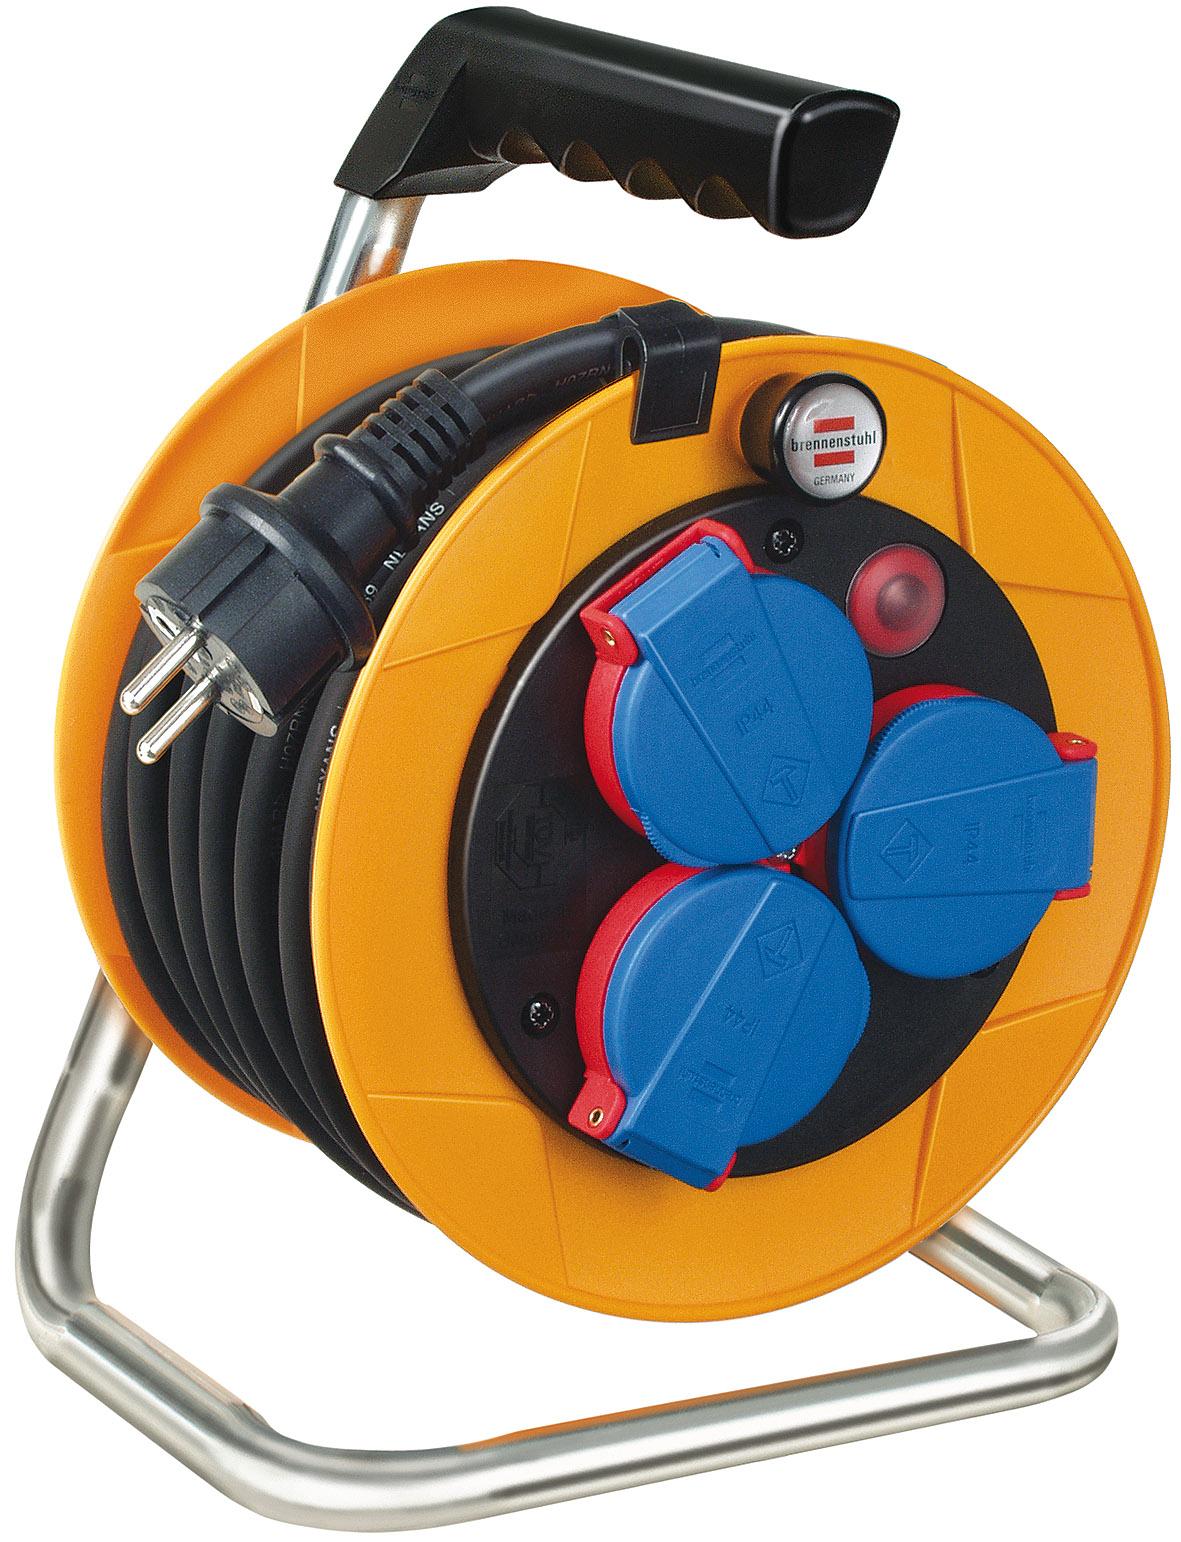 Afbeelding van Brennenstuhl 1072500 Brobusta Kompakt IP44 kabelhaspel H07RN F 3G1,5 10m